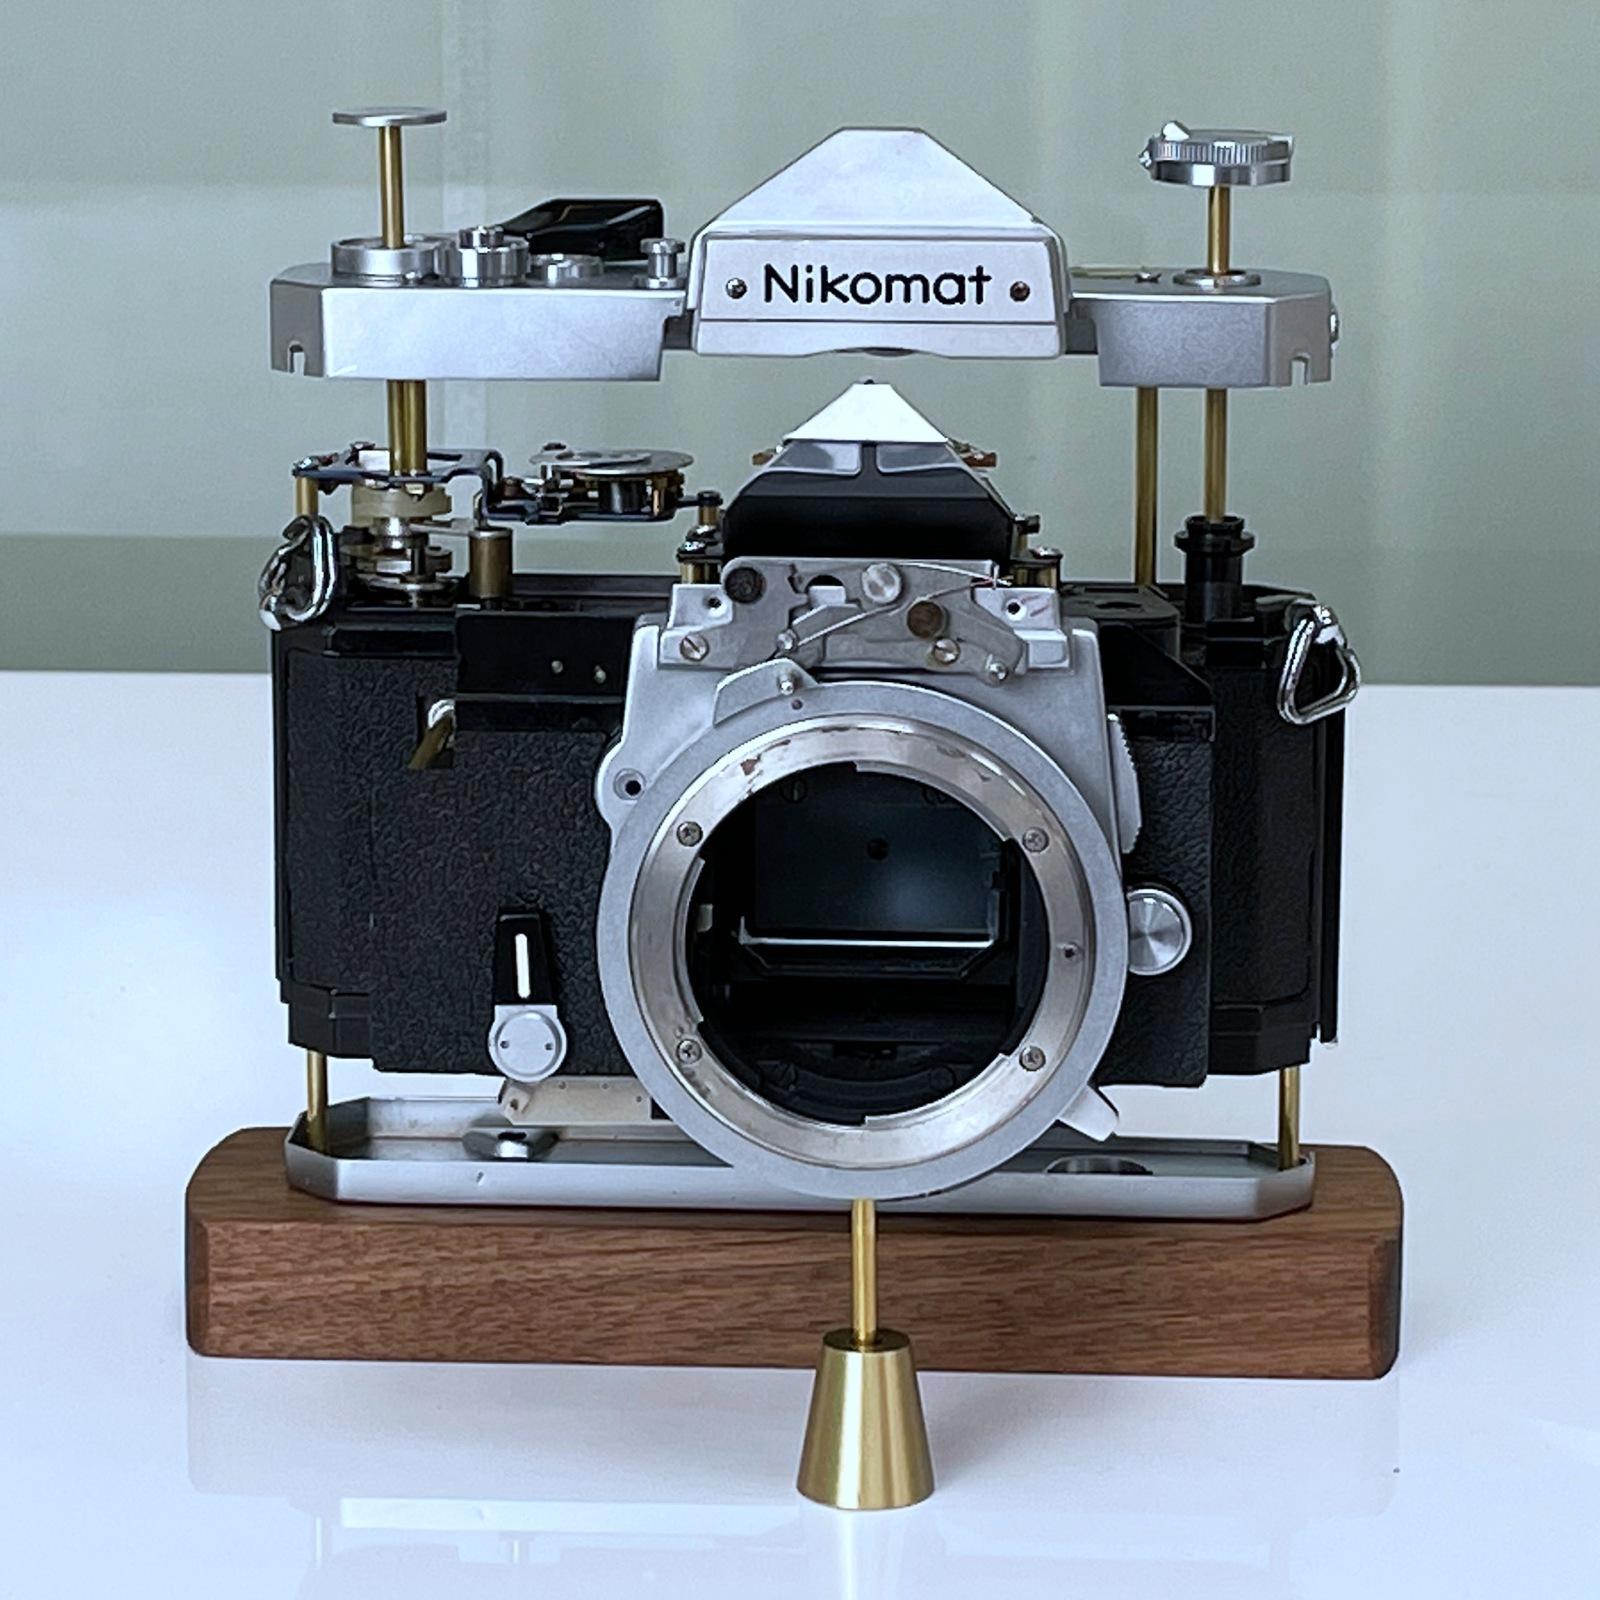 니콘 카메라 모형 소품 (커피)